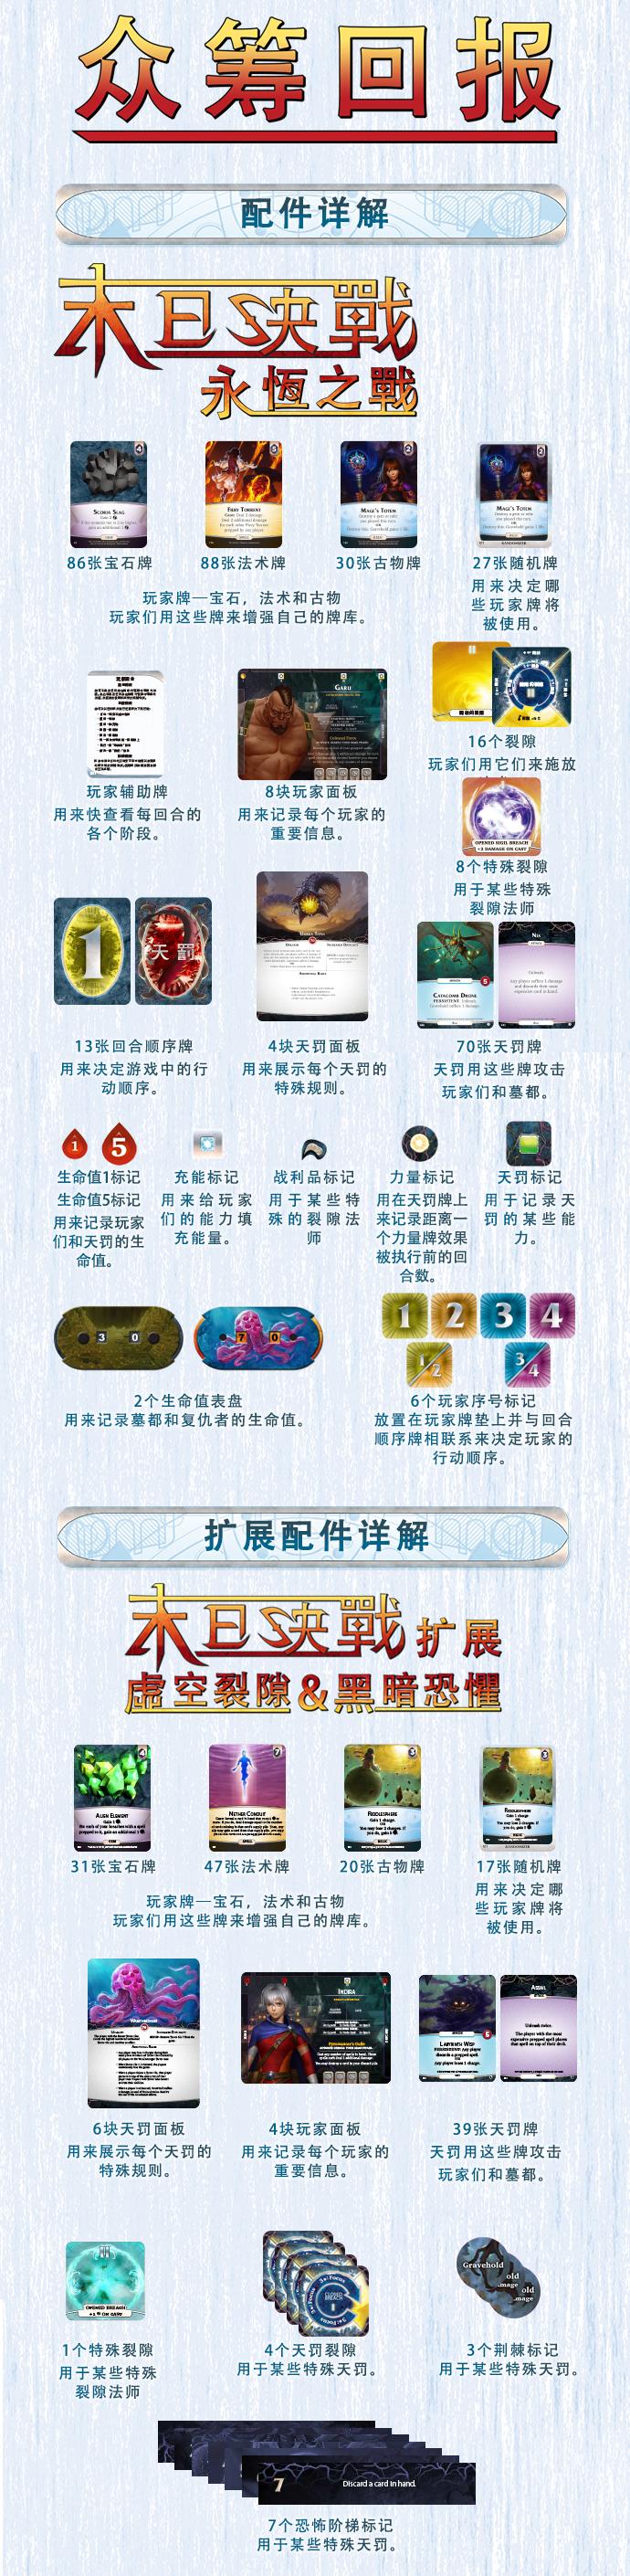 永恒之战预售详情页-3.jpg